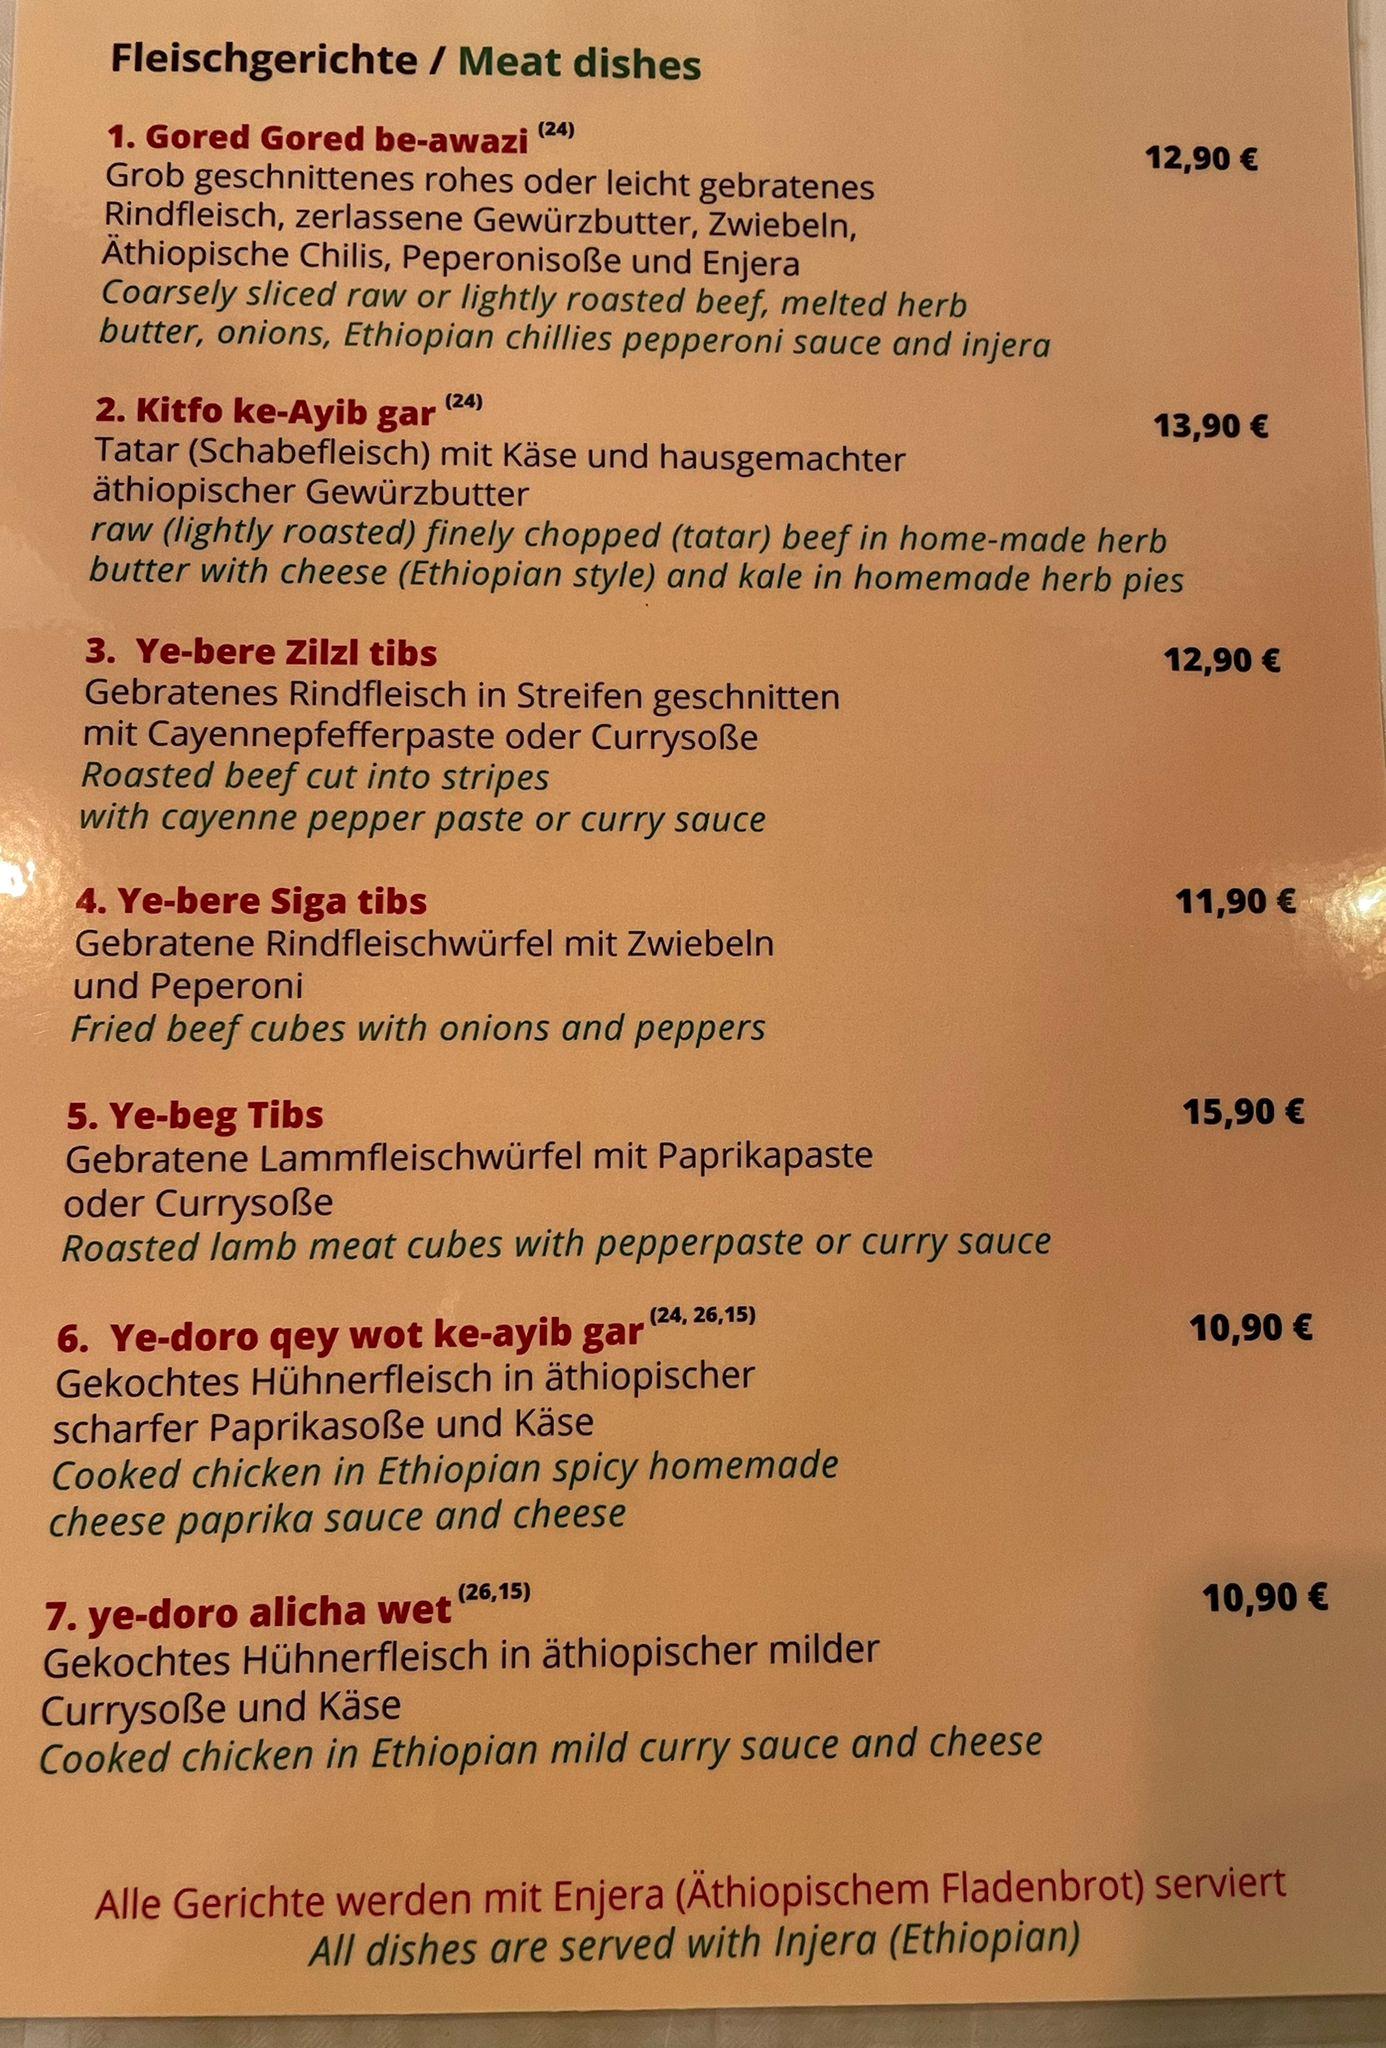 Speisekarte Addis Abeba äthiopisches Restaurant Berlin Fleischgerichte